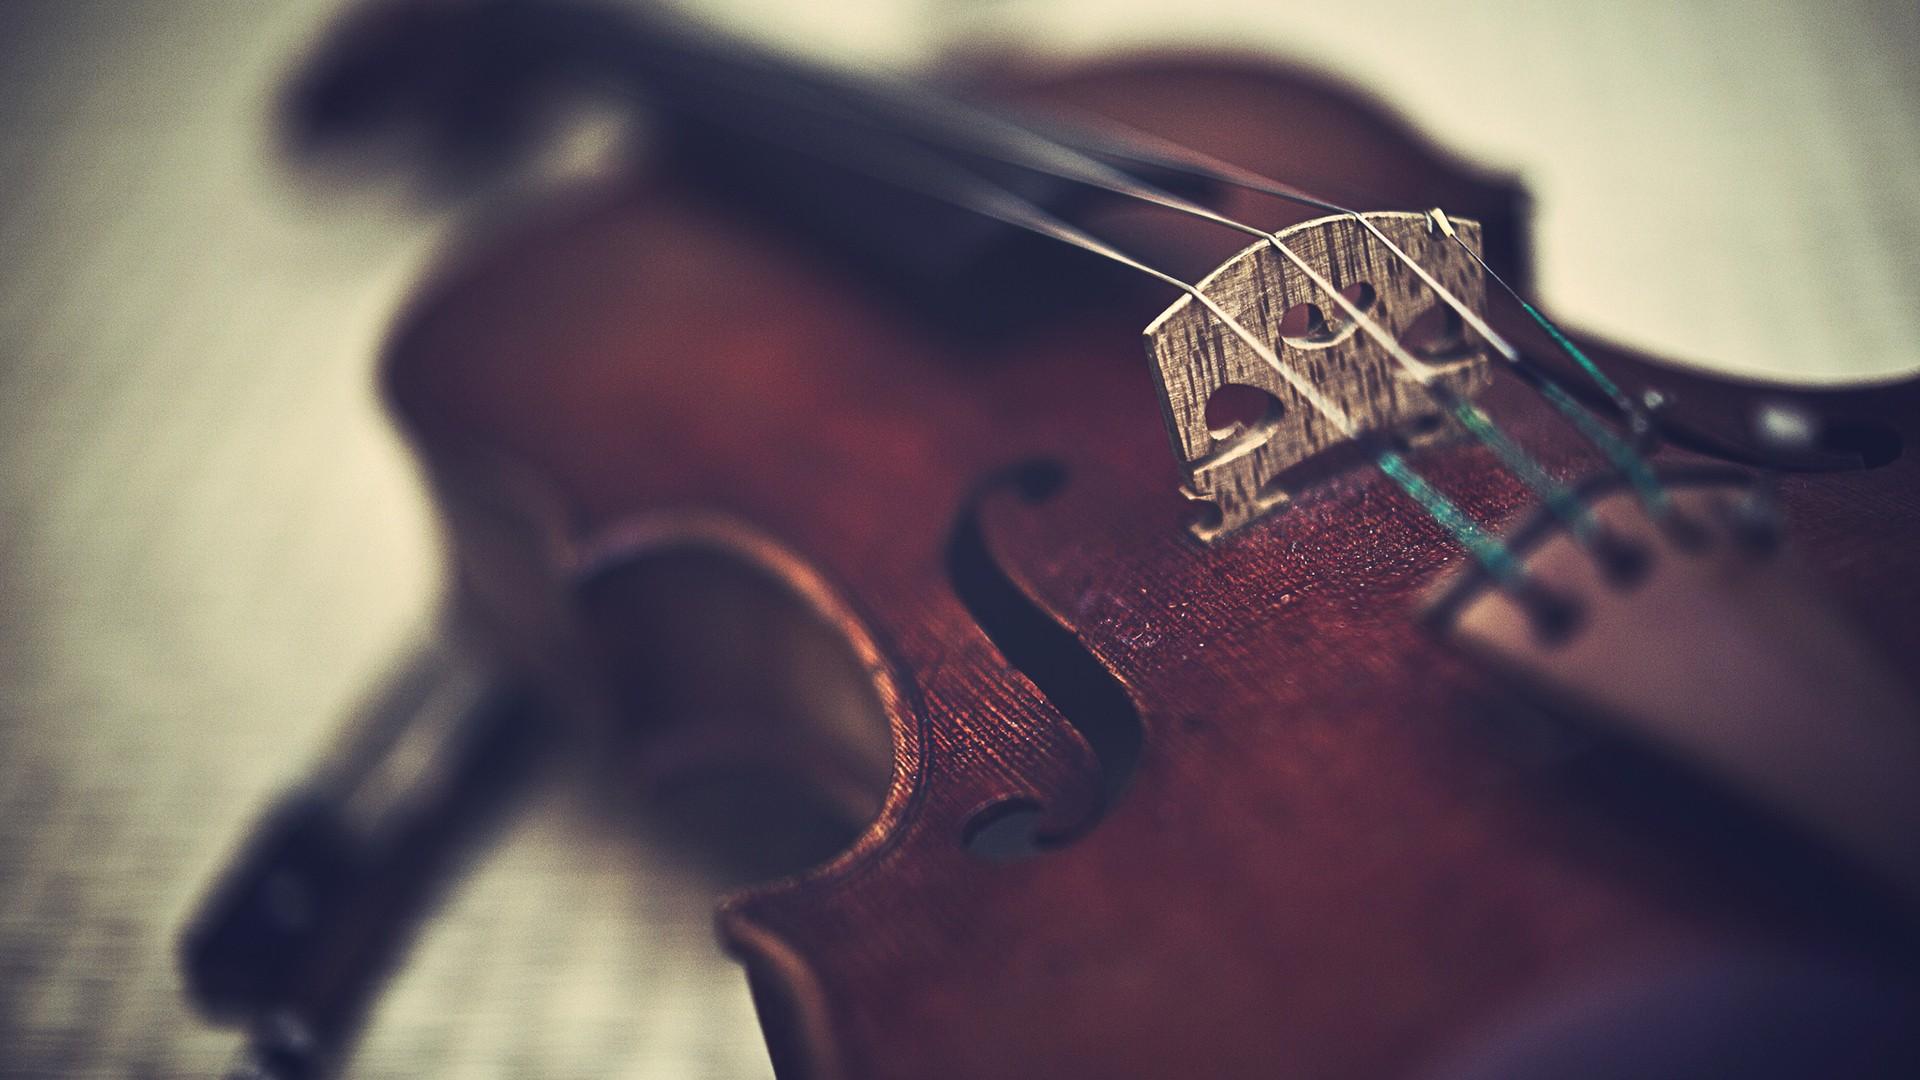 Violin Is An Instrument Wallpaper HD 8715 3135 Wallpaper High 1920x1080